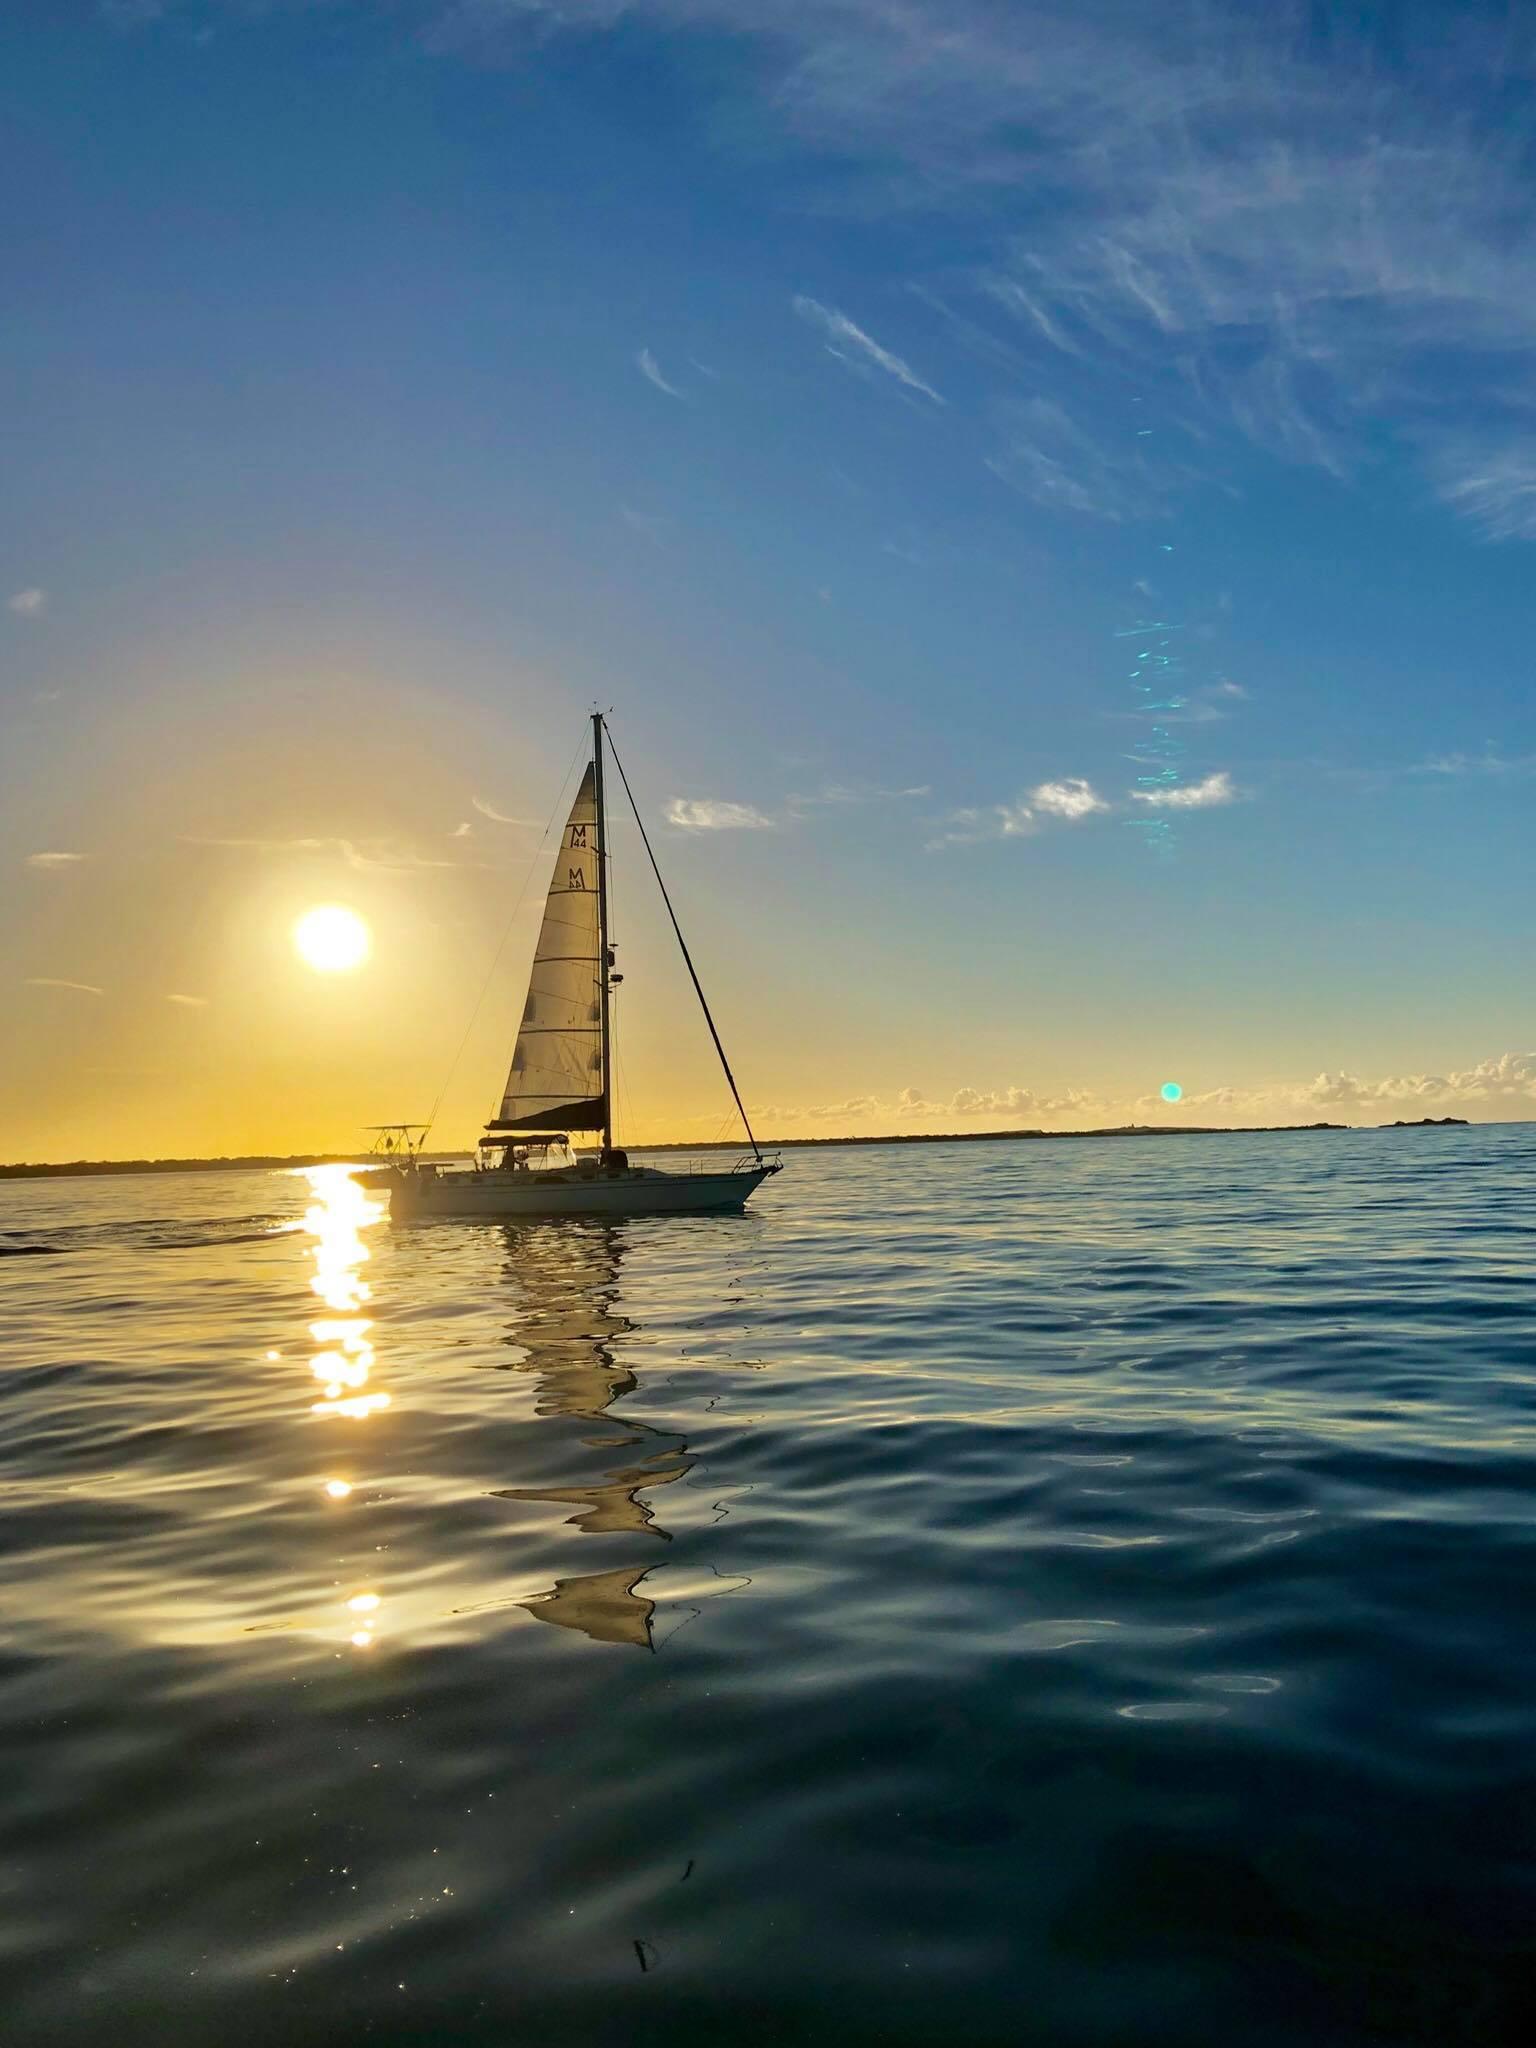 Sailing Life Day 320 Incredible Day Sailing.jpg